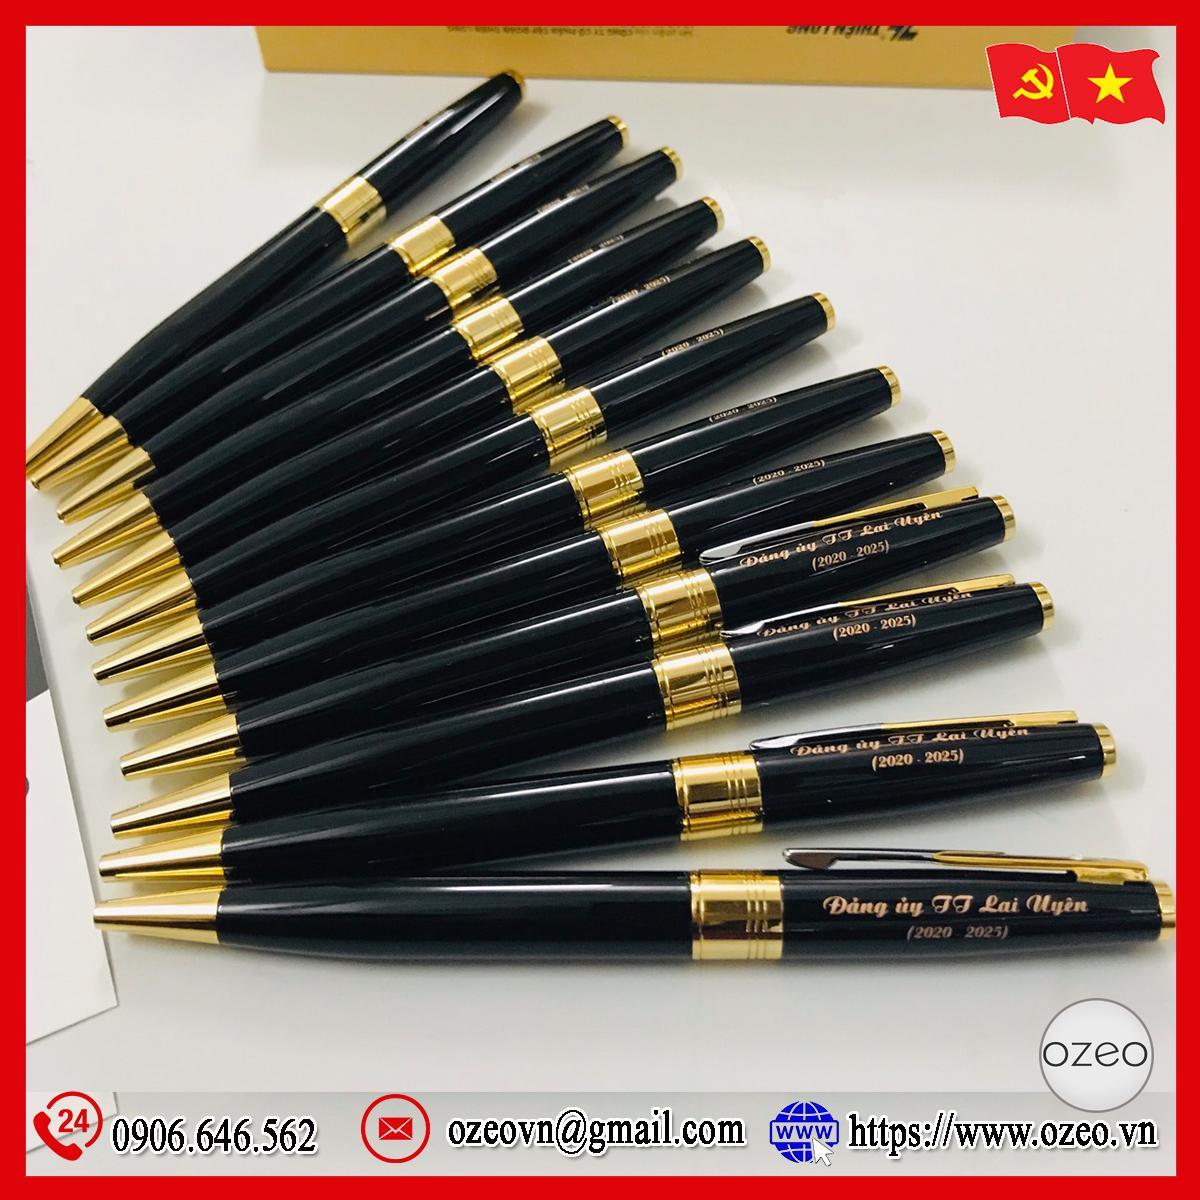 Bút ký cao cấp Thiên Long khắc chữ làm quà tặng Đại hội Đảng TT Lai Uyên